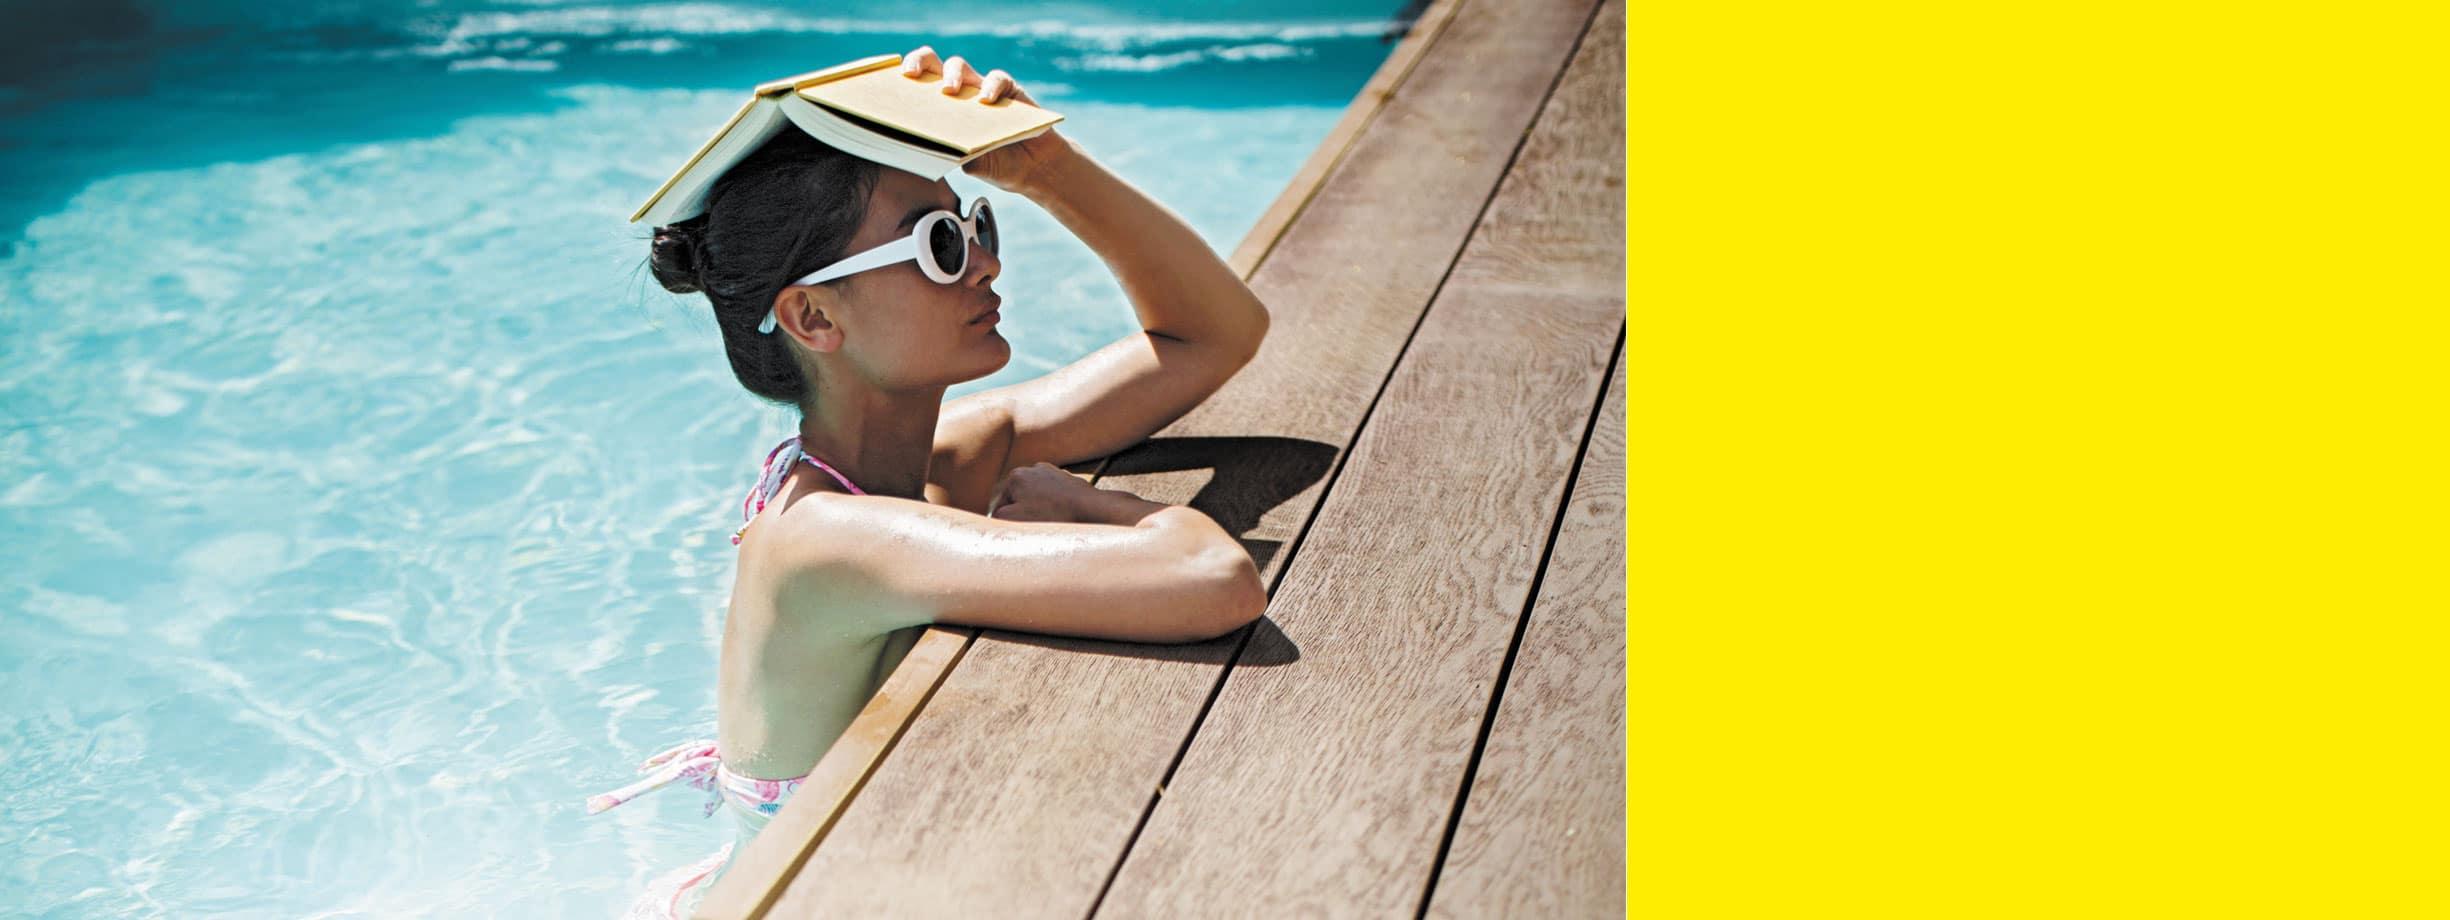 securisez-votre-bassin-bandeau-promo FAQ - Comment se passe l'installation d'une piscine avec votre fabricant de piscine coque polyester ?